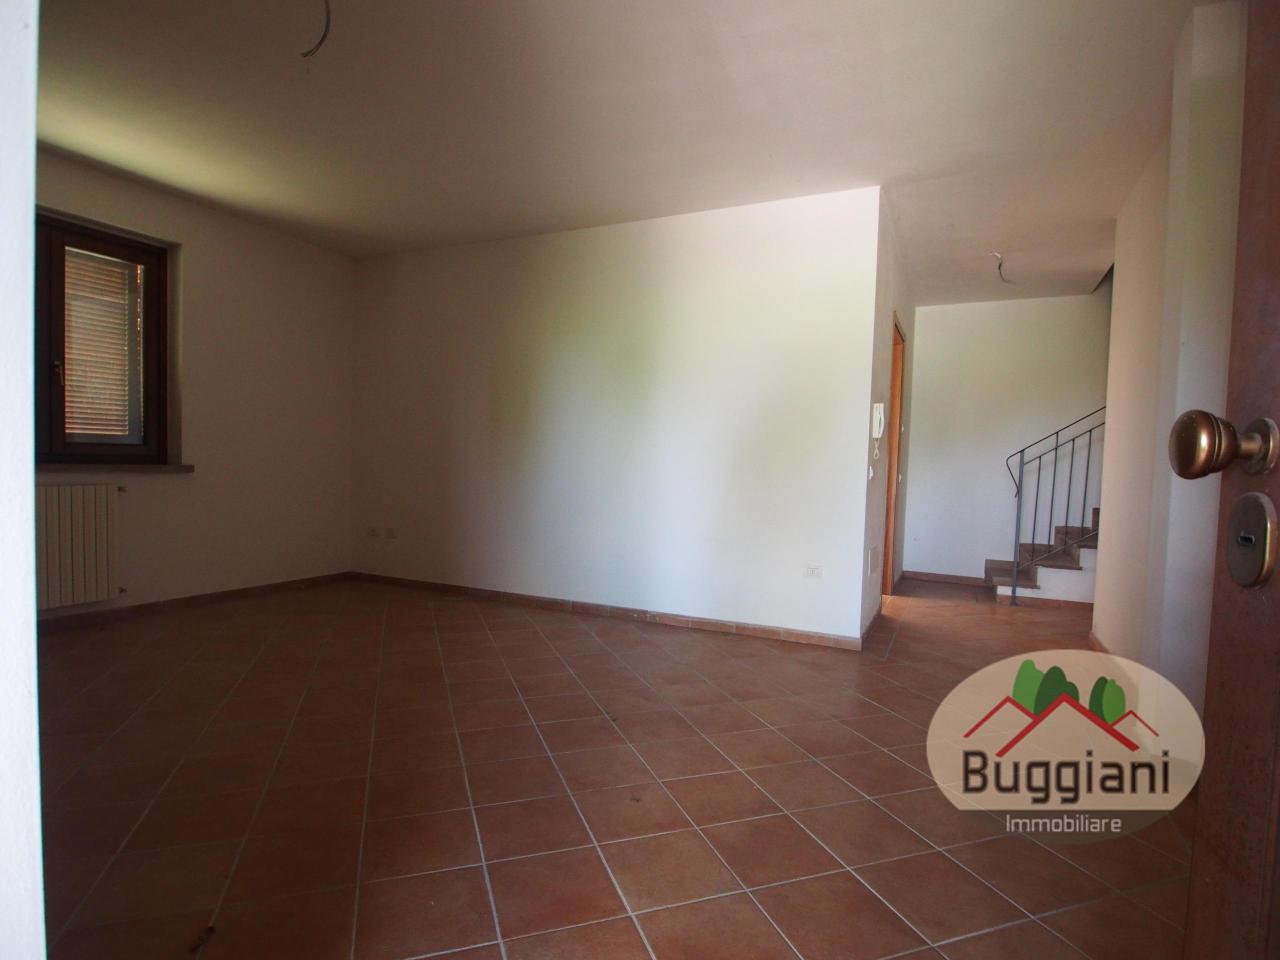 Terratetto in vendita RIF. 2428, Santa Croce sull'Arno (PI)